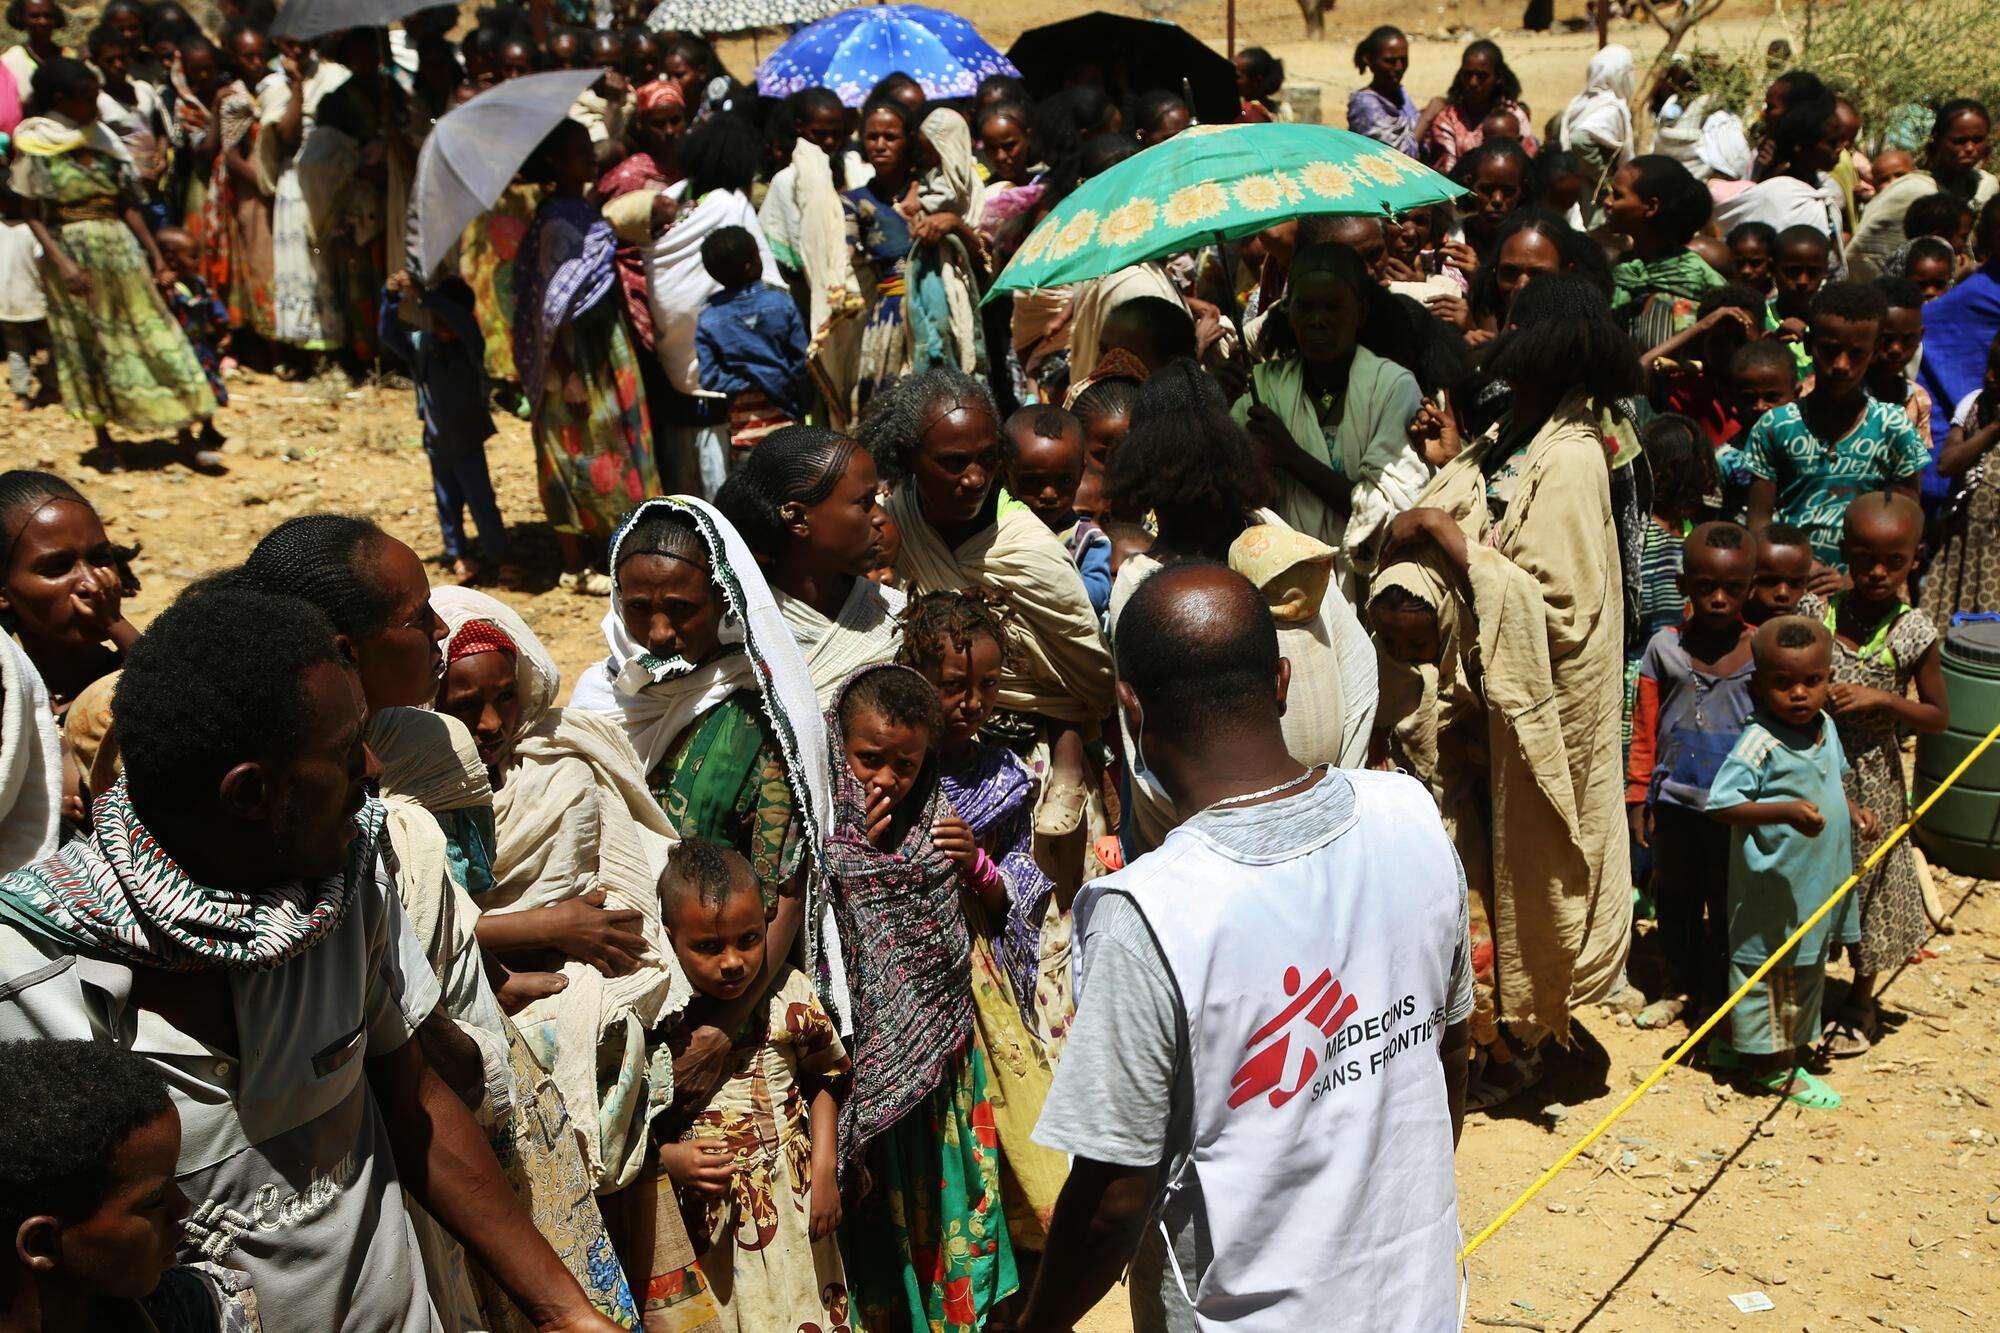 Ethiopia: በትግራይ ገጠራማ አካባቢ ያሉ ሰዎች በችግር እና በሰብአዊ ቸልተኝነት ተመተዋል